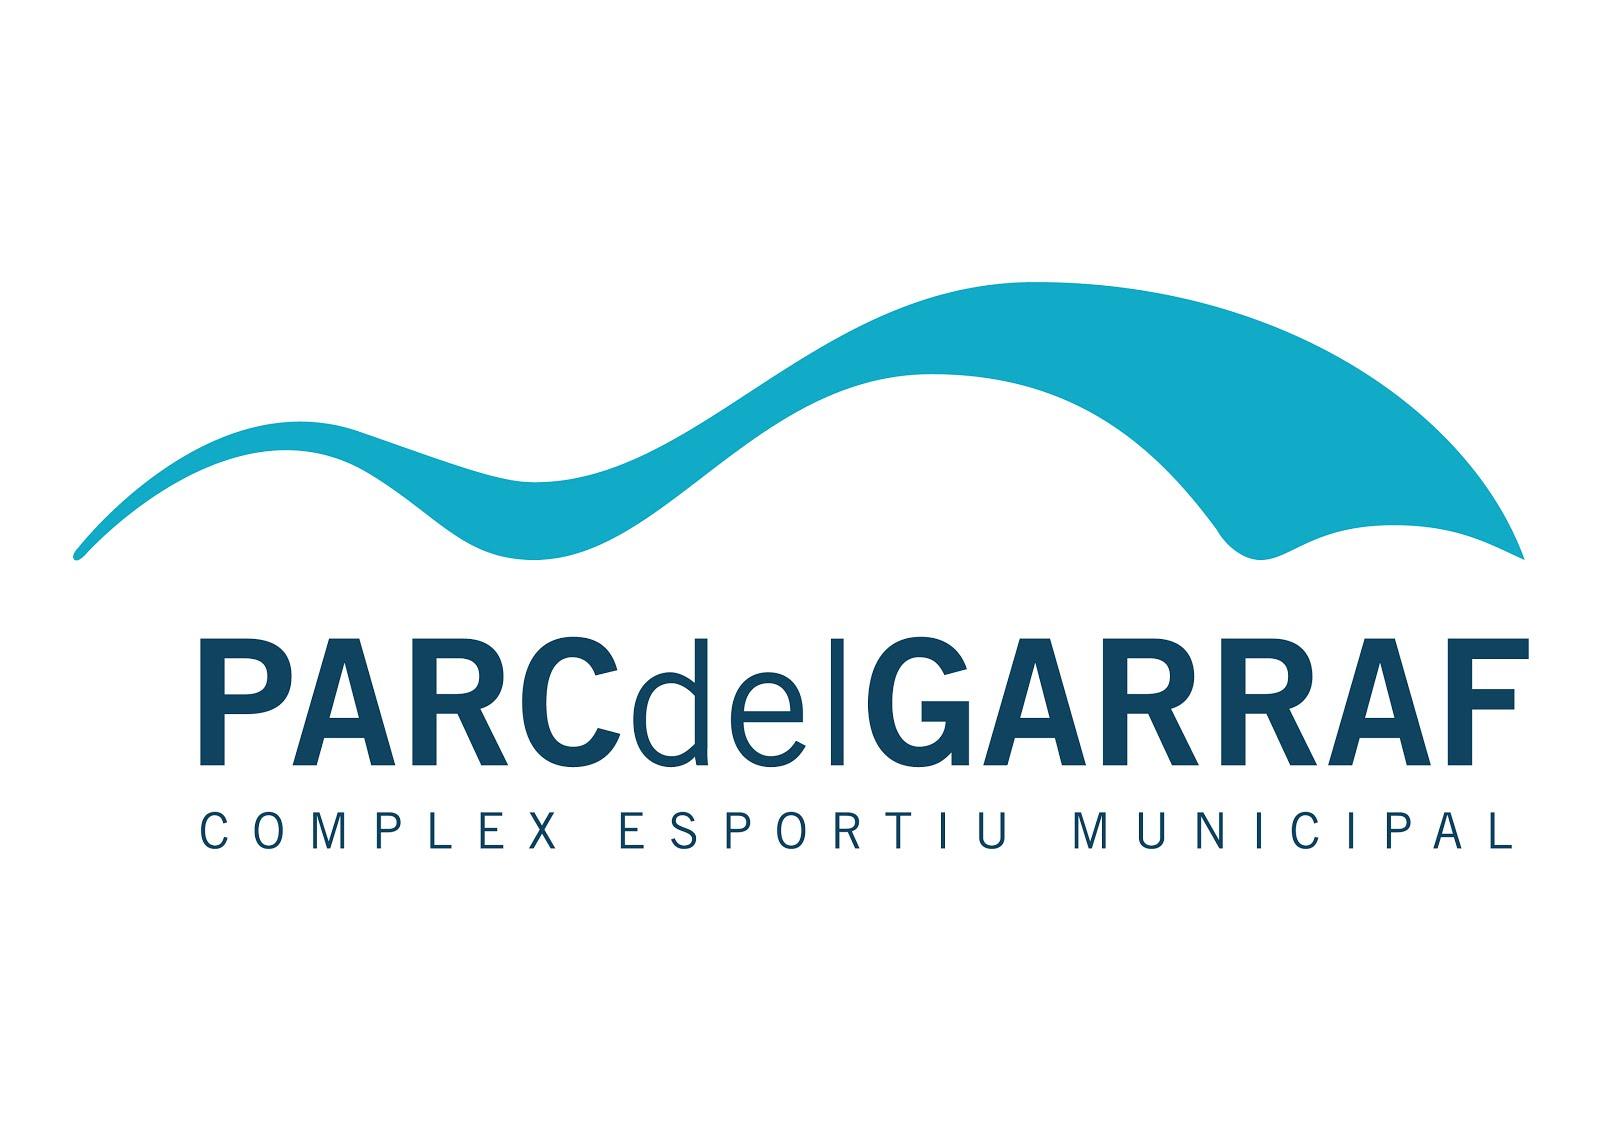 Parc del Garraf